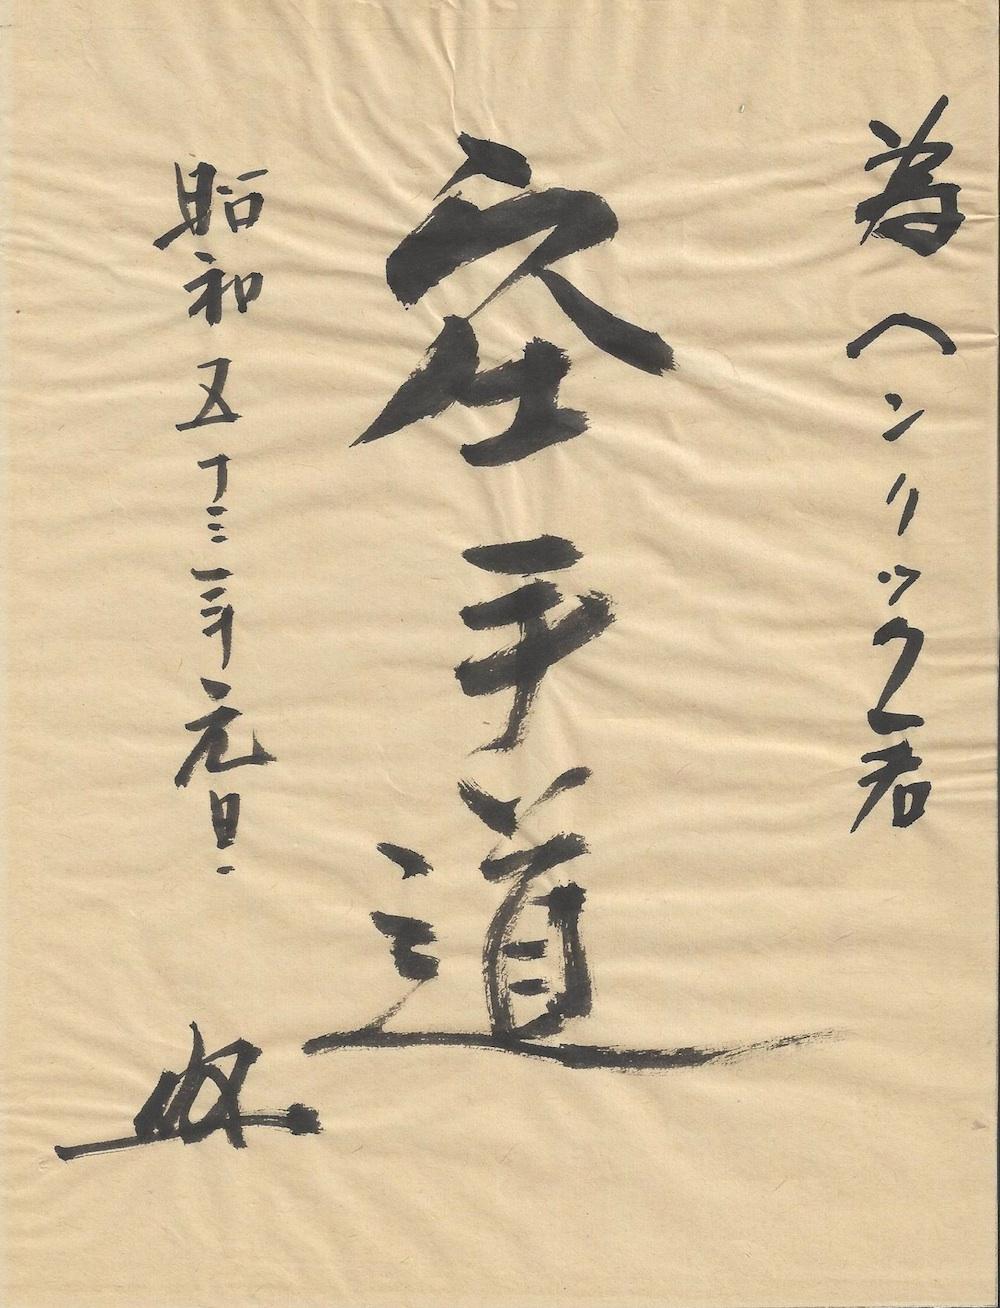 En venlig hilsen fra Masahiko Tanaka Sensei til mig i forbindelse med nytåret 1977 - 78. Alle os som deltog i nytårsfesten i Karate Akademiet fik sådan en hilsen.